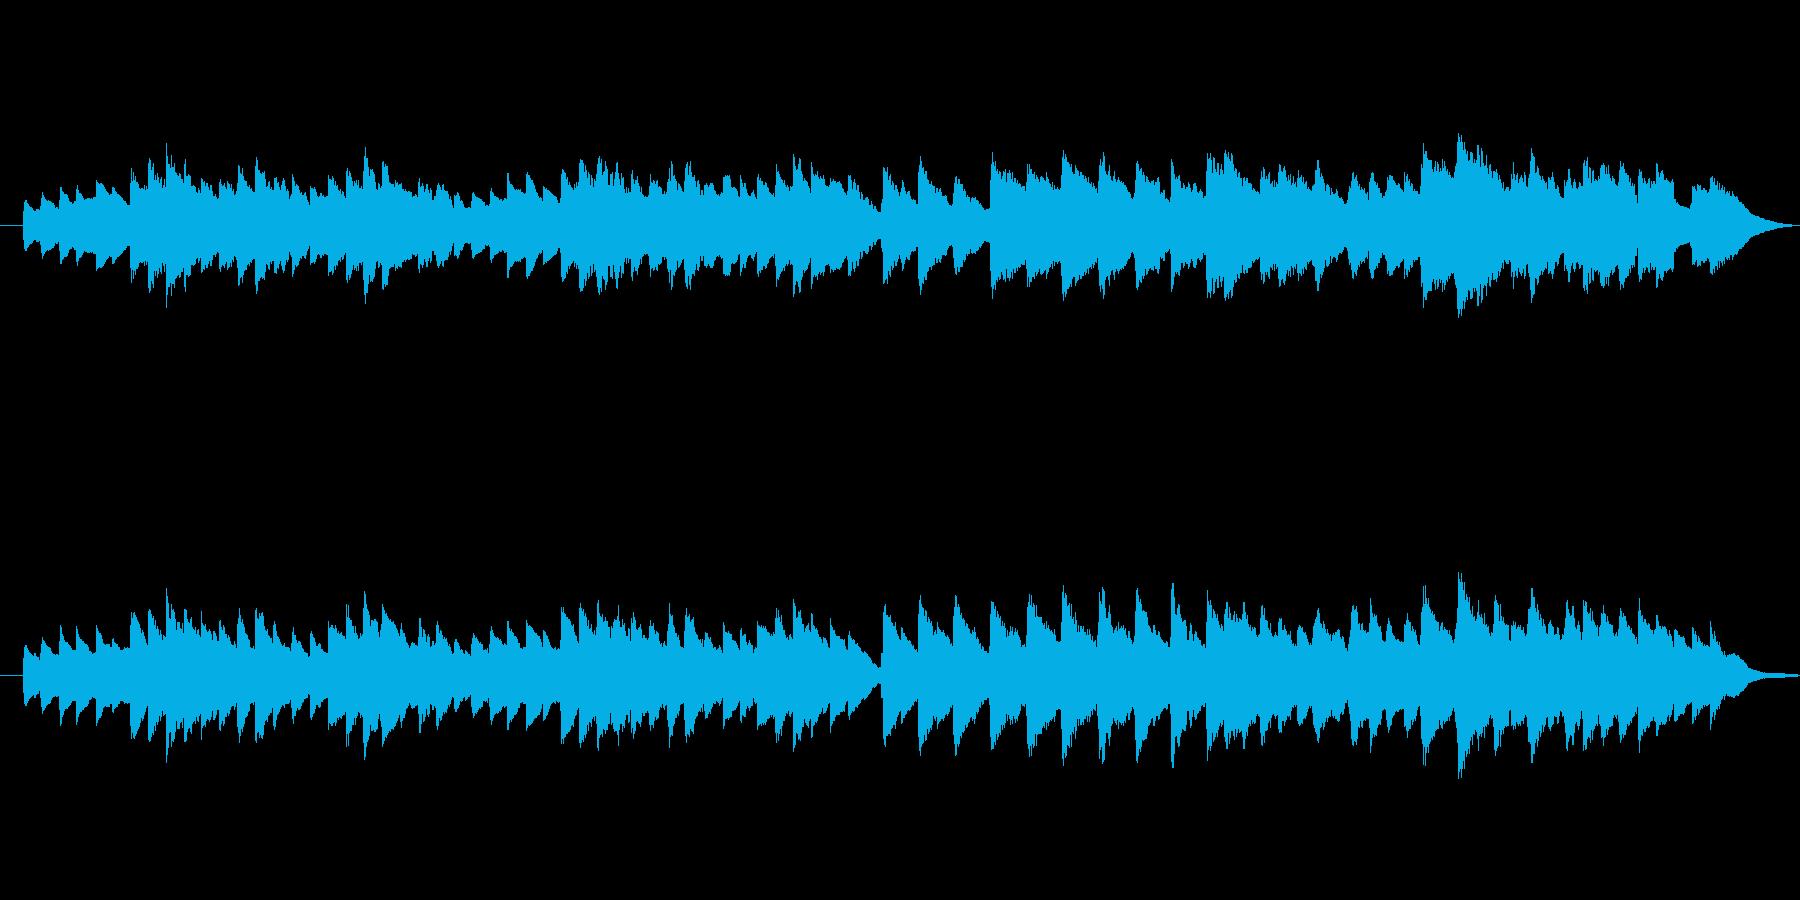 着信音サイズ(30秒)のオルゴール曲の再生済みの波形